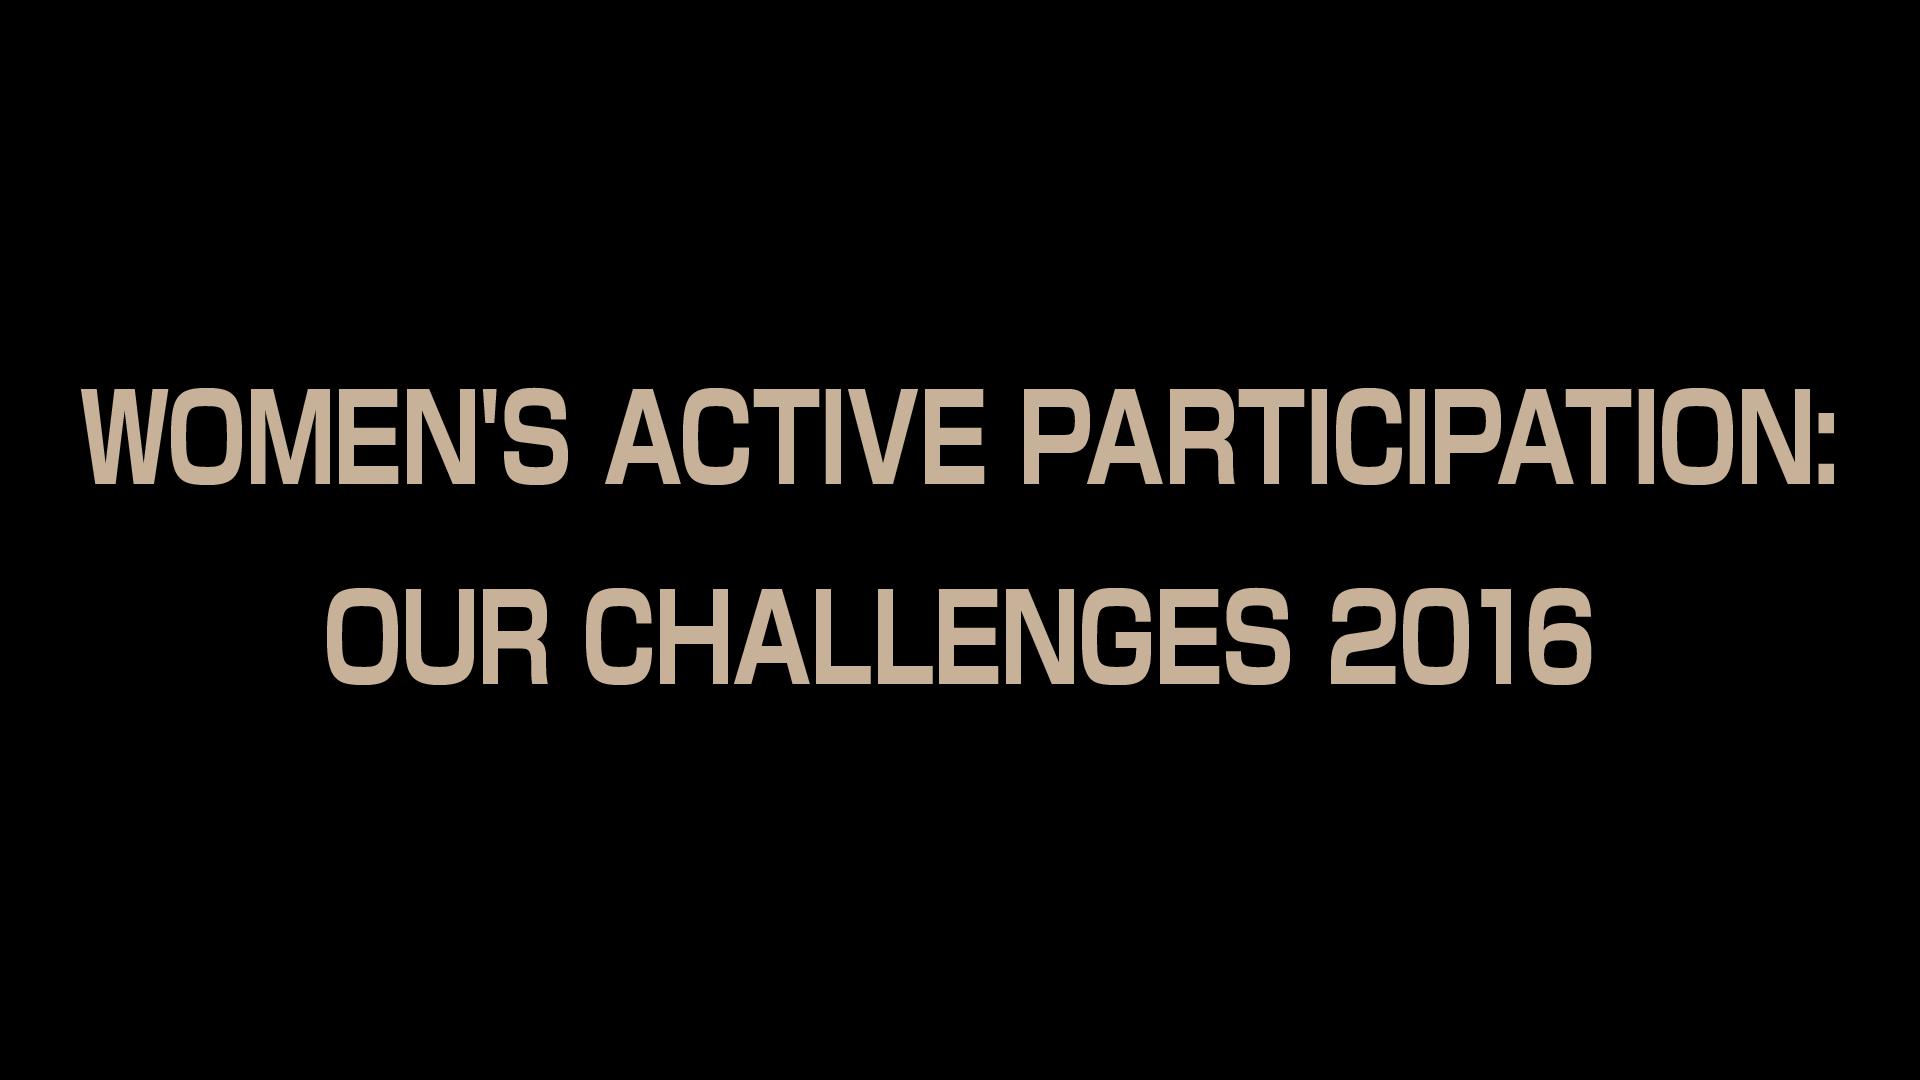 WOMEN'S ACTIVE PARTICIPATION: OUR CHALLENGES 2016